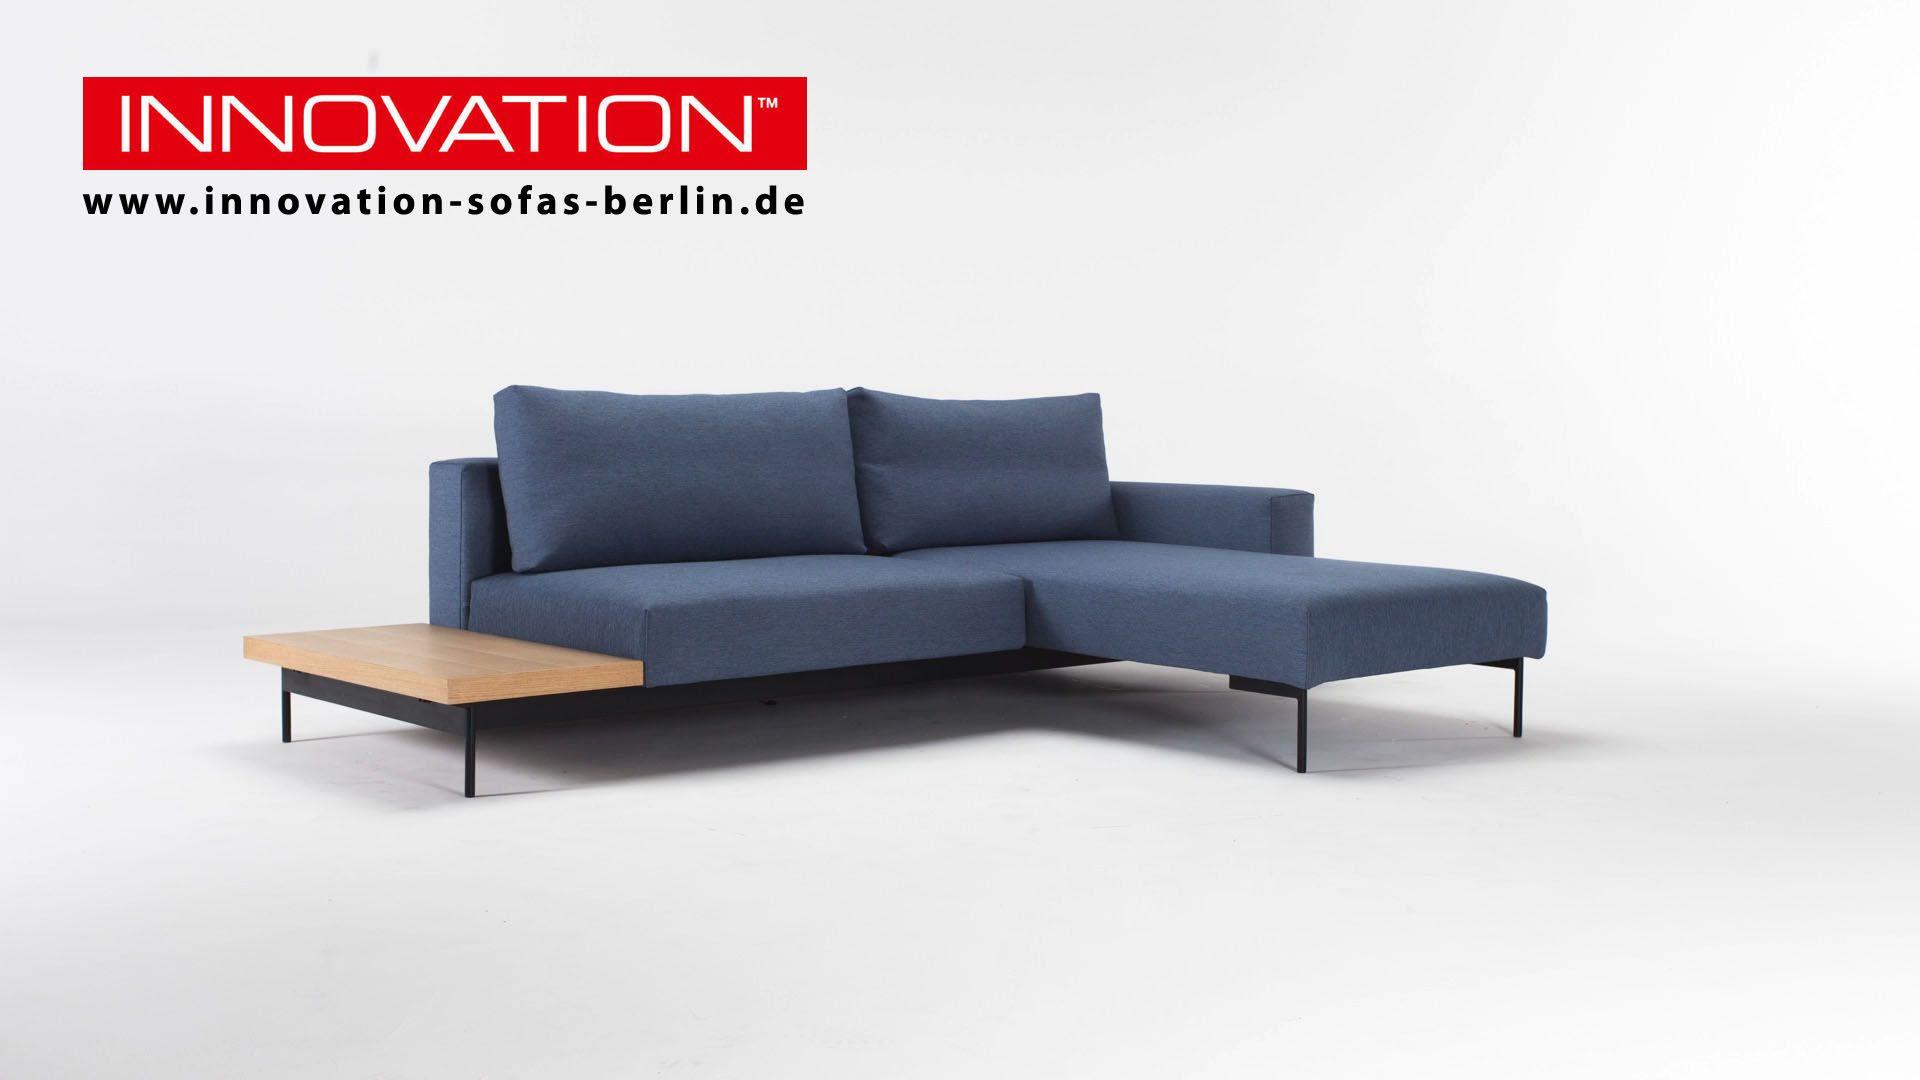 modulares schlafsofa bragi von innovation bei innovation sofas, Wohnzimmer dekoo